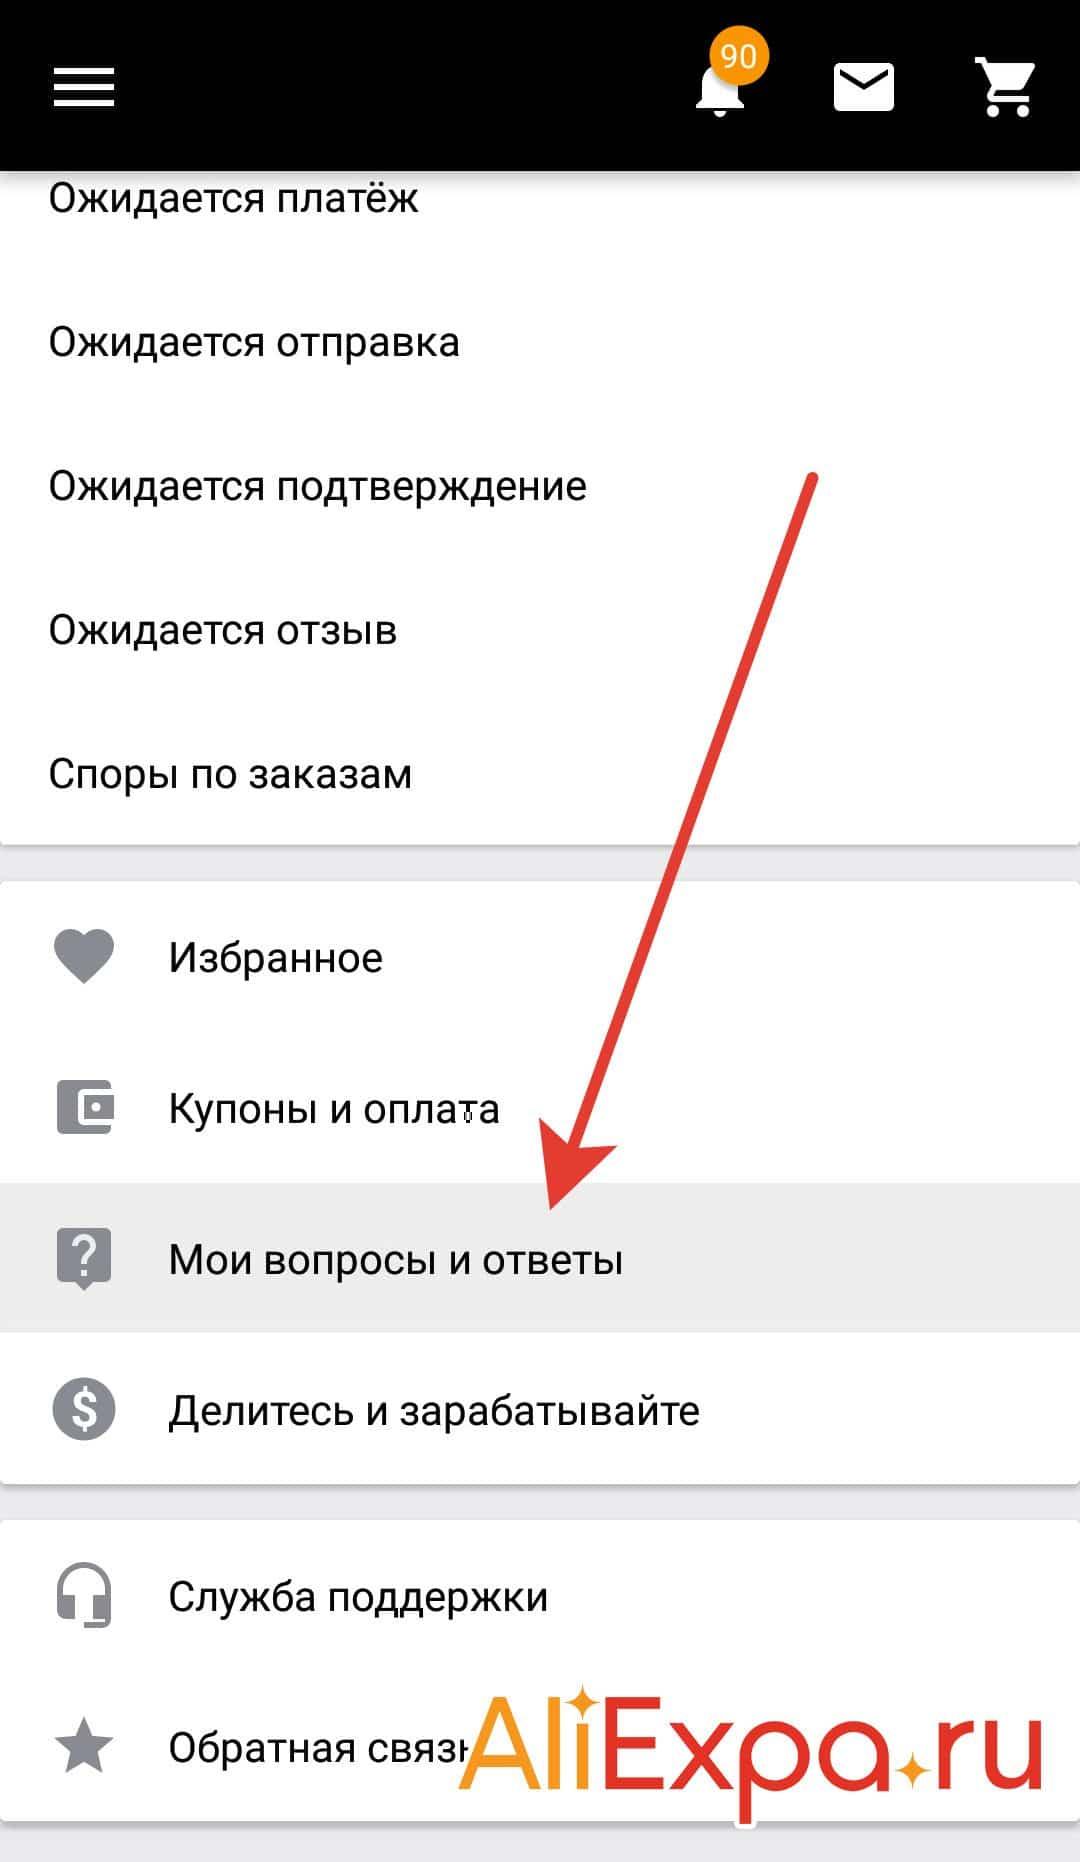 Как отвечать на вопросы других пользователей на Алиэкспресс | Как задать вопрос покупателям на Алиэкспресс